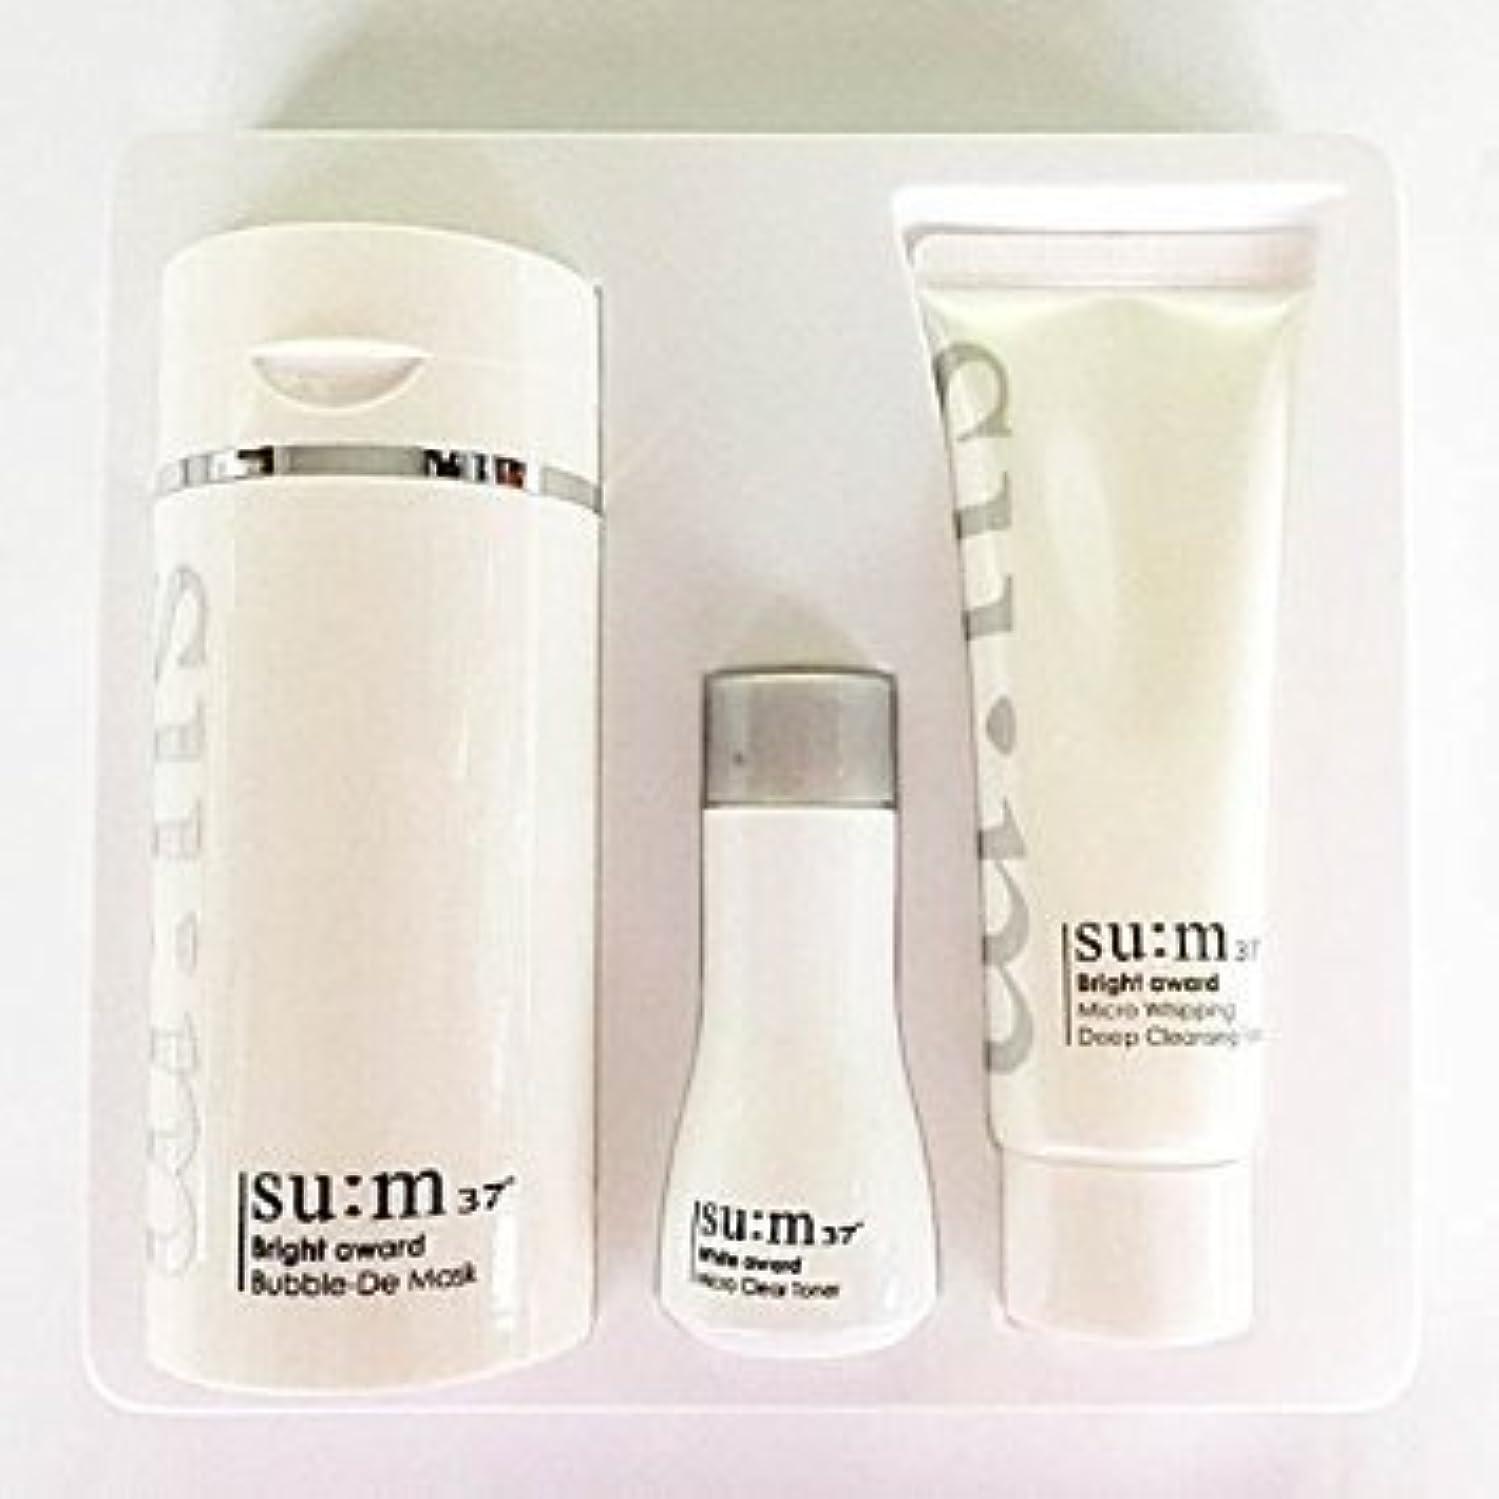 過半数モバイル除外するSu:m37°(スム37) Su:m 37 White Bright Award Bubble-De Mask Special Set 企画セット [並行輸入品]